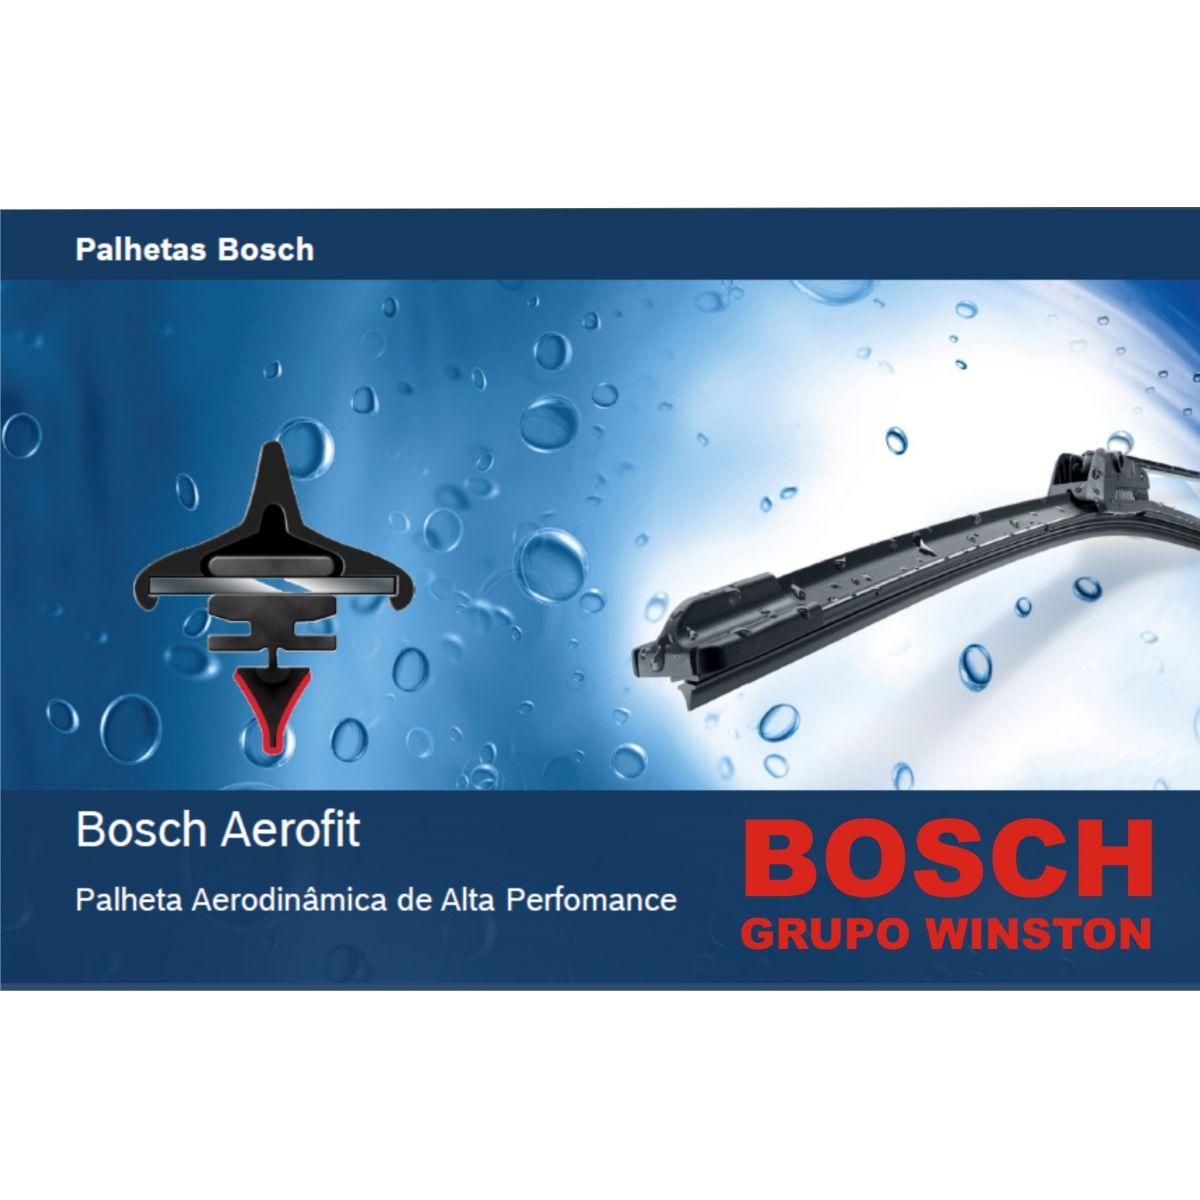 Palheta Bosch Aerofit Limpador de para brisa Bosch LAND ROVER Discovery Freelander